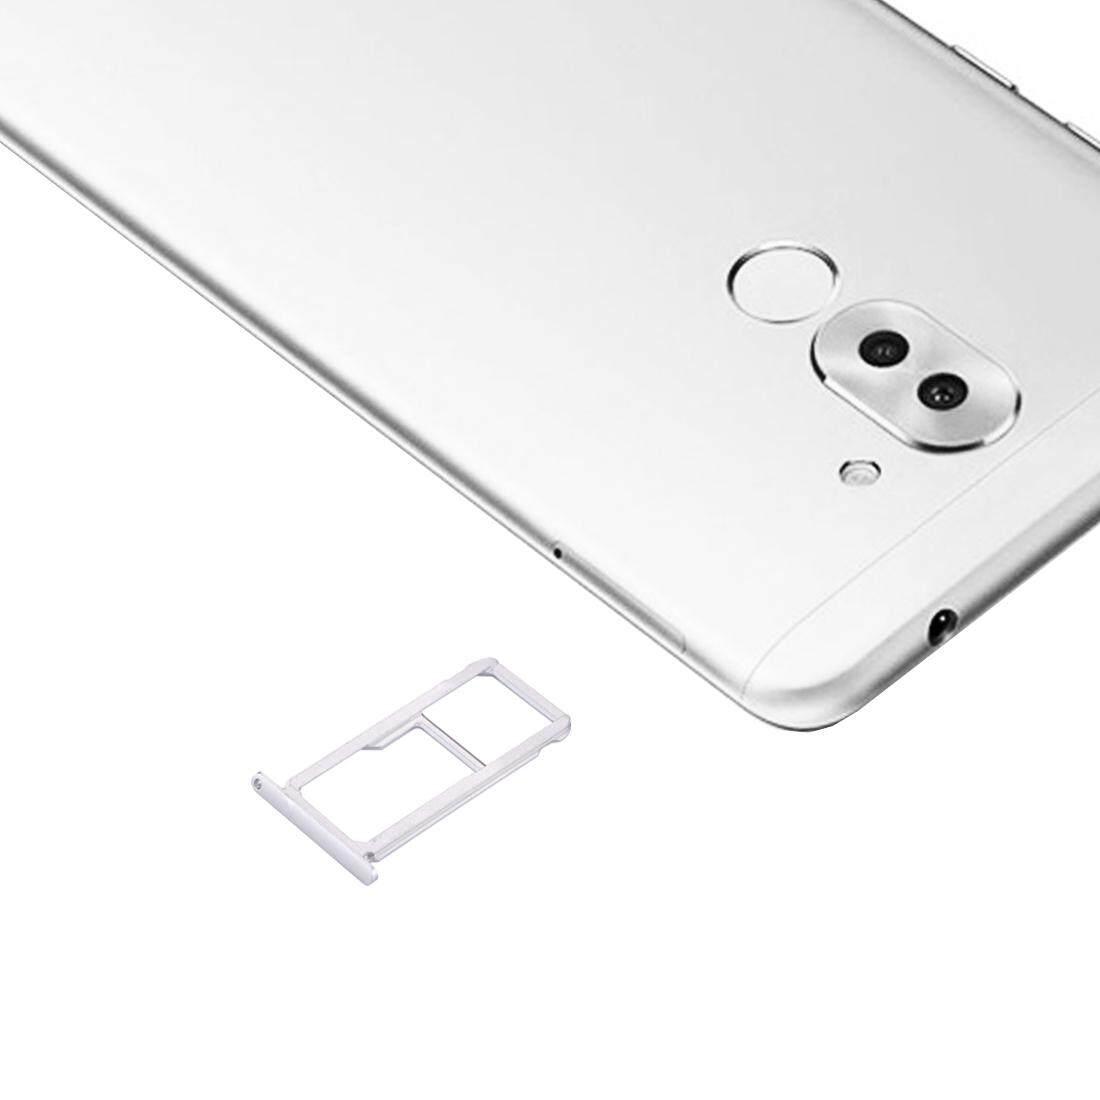 Ipartsbuy Huawei Honor 6X/GR5 2017 Baki Kartu SIM dan SIM/Mikro Sd Kartu